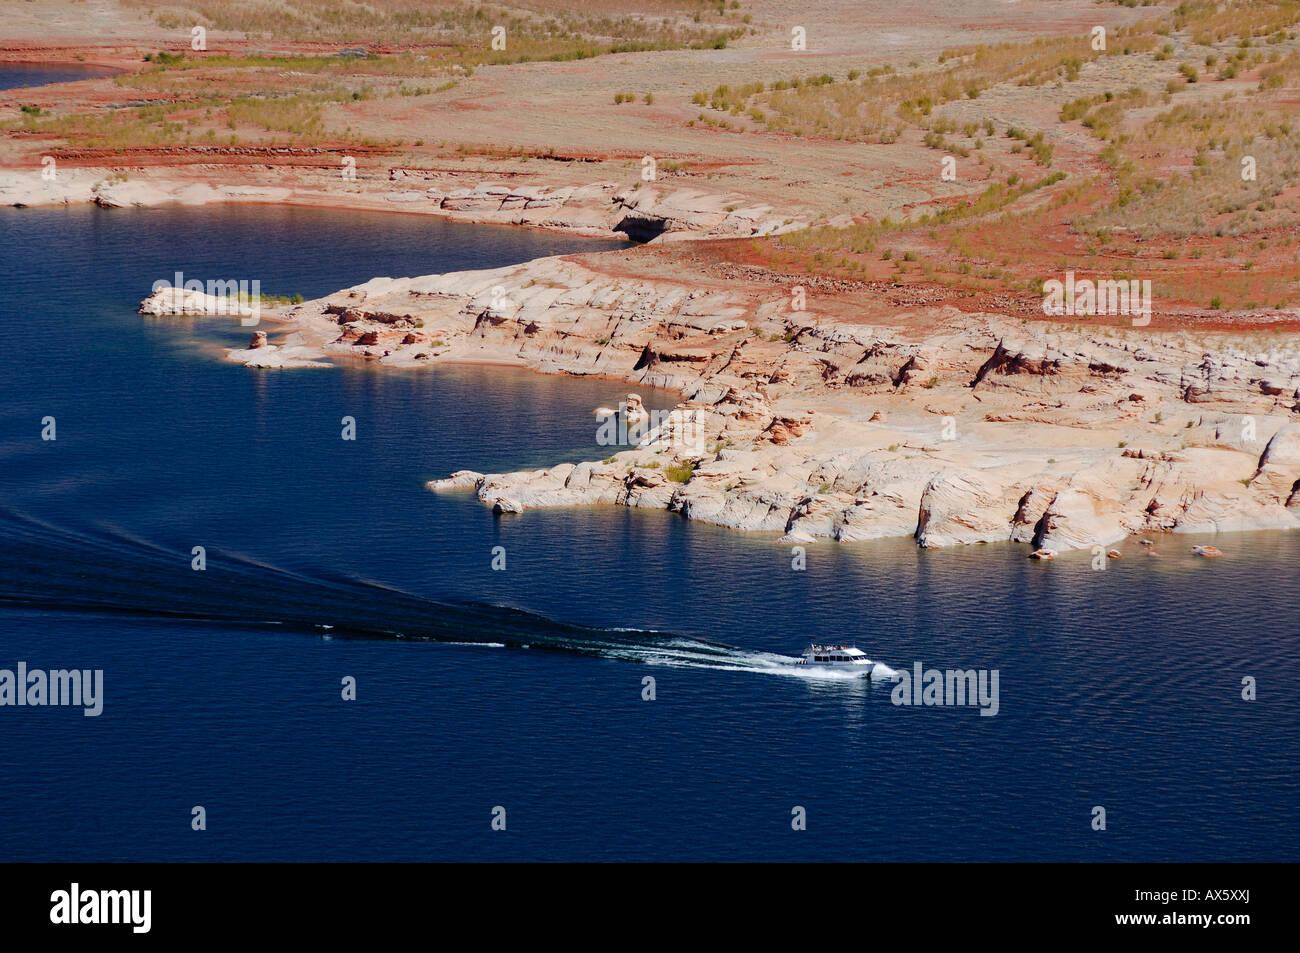 Motorized yacht navigating Lake Powell, Arizona, USA, North America - Stock Image